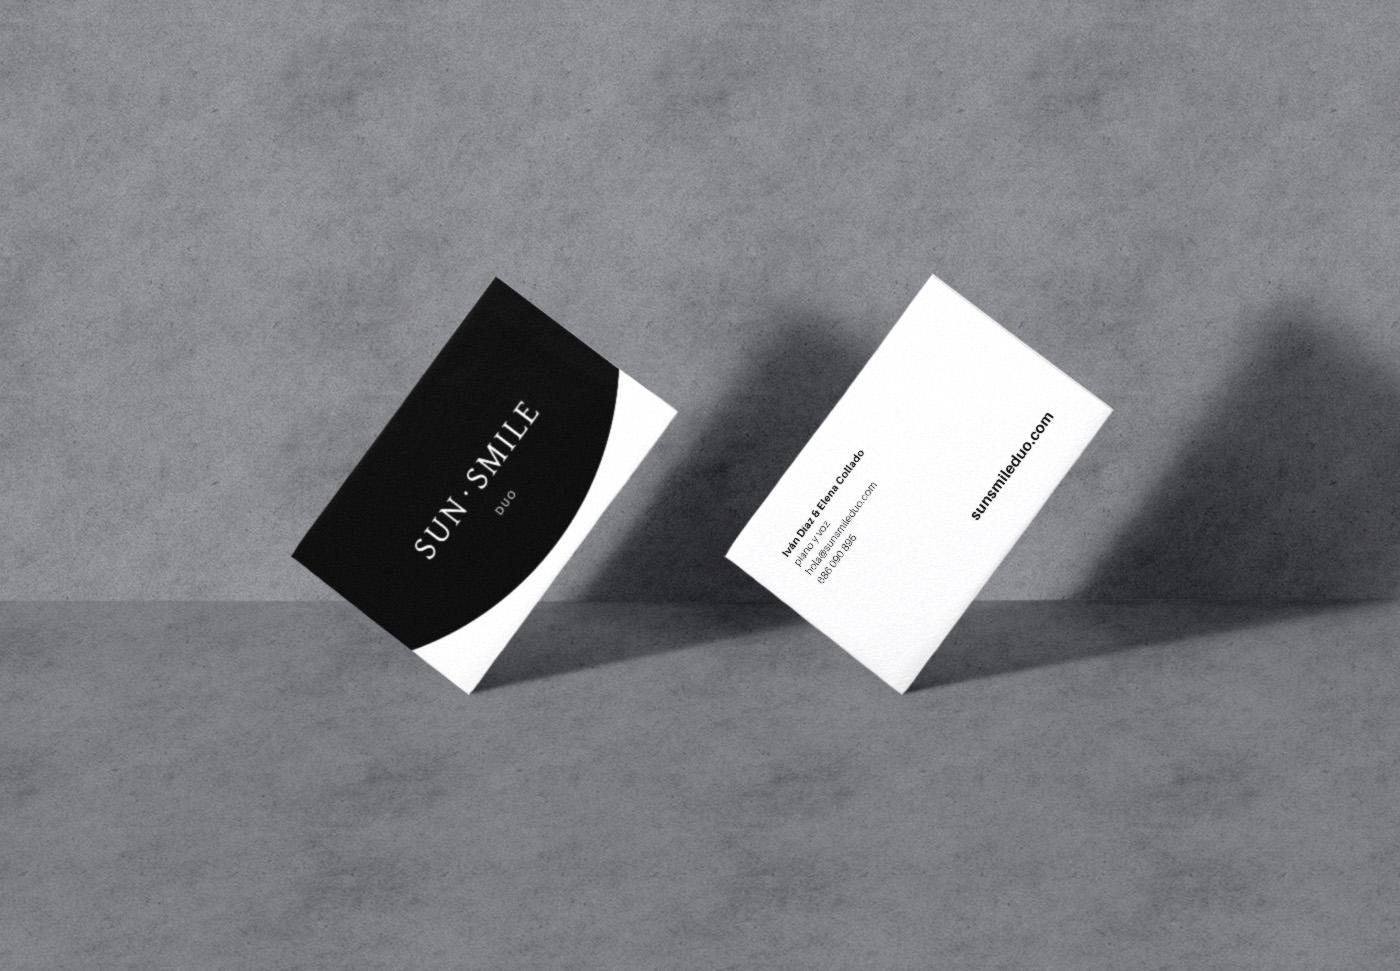 SunSmile Business Cards design